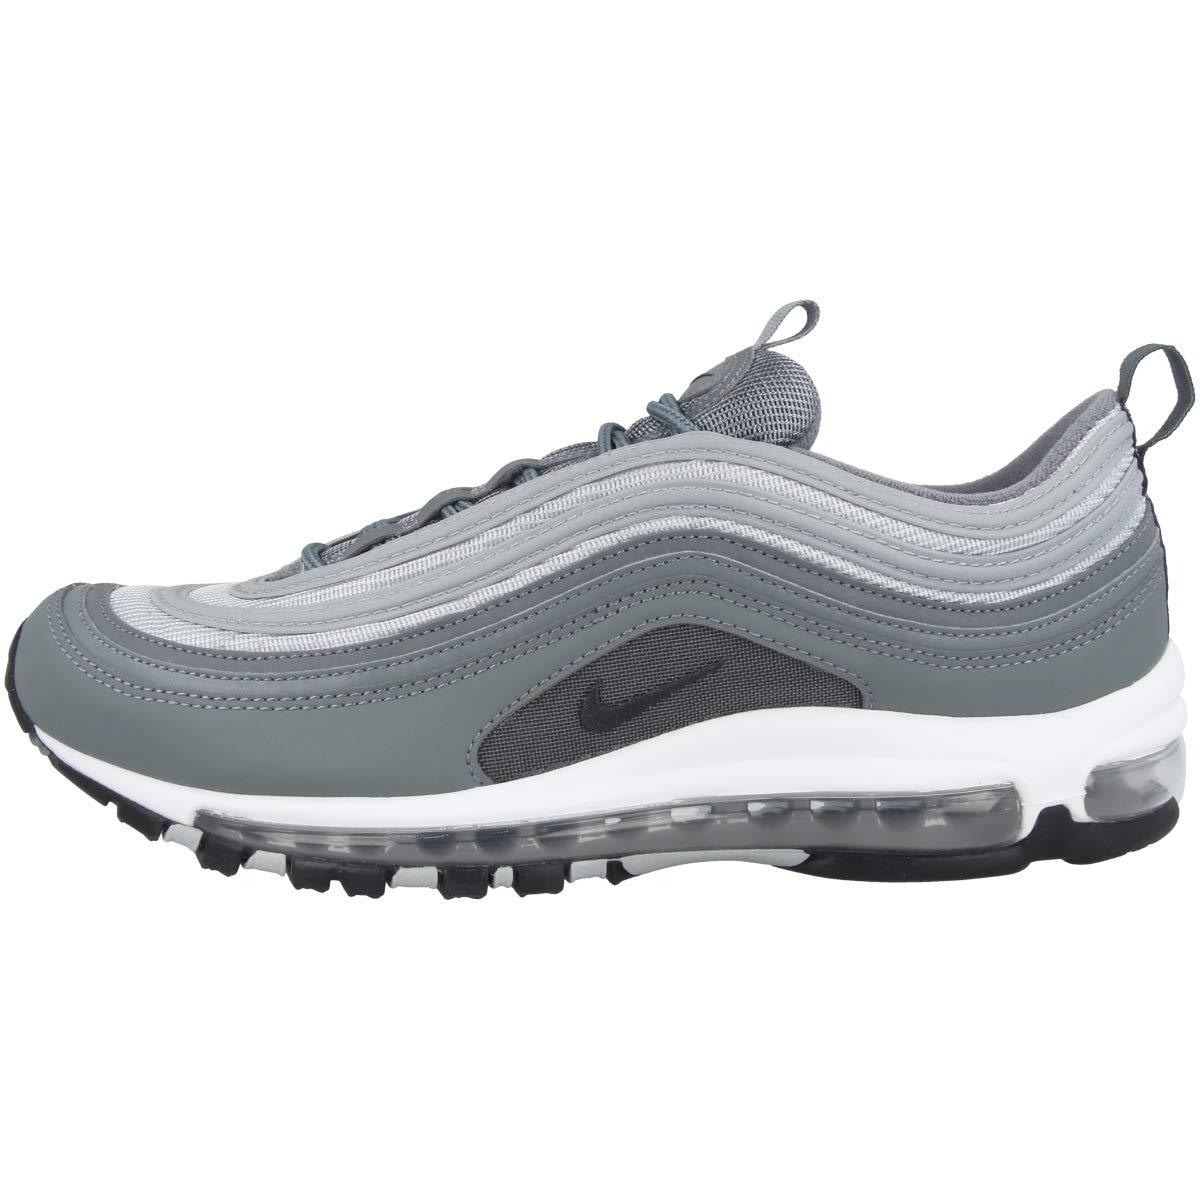 Nike scarpe da ginnastica Air Air Air Max 97 Essential Grigio Bianco BV1986-001 (43 - Grigio) c13a31